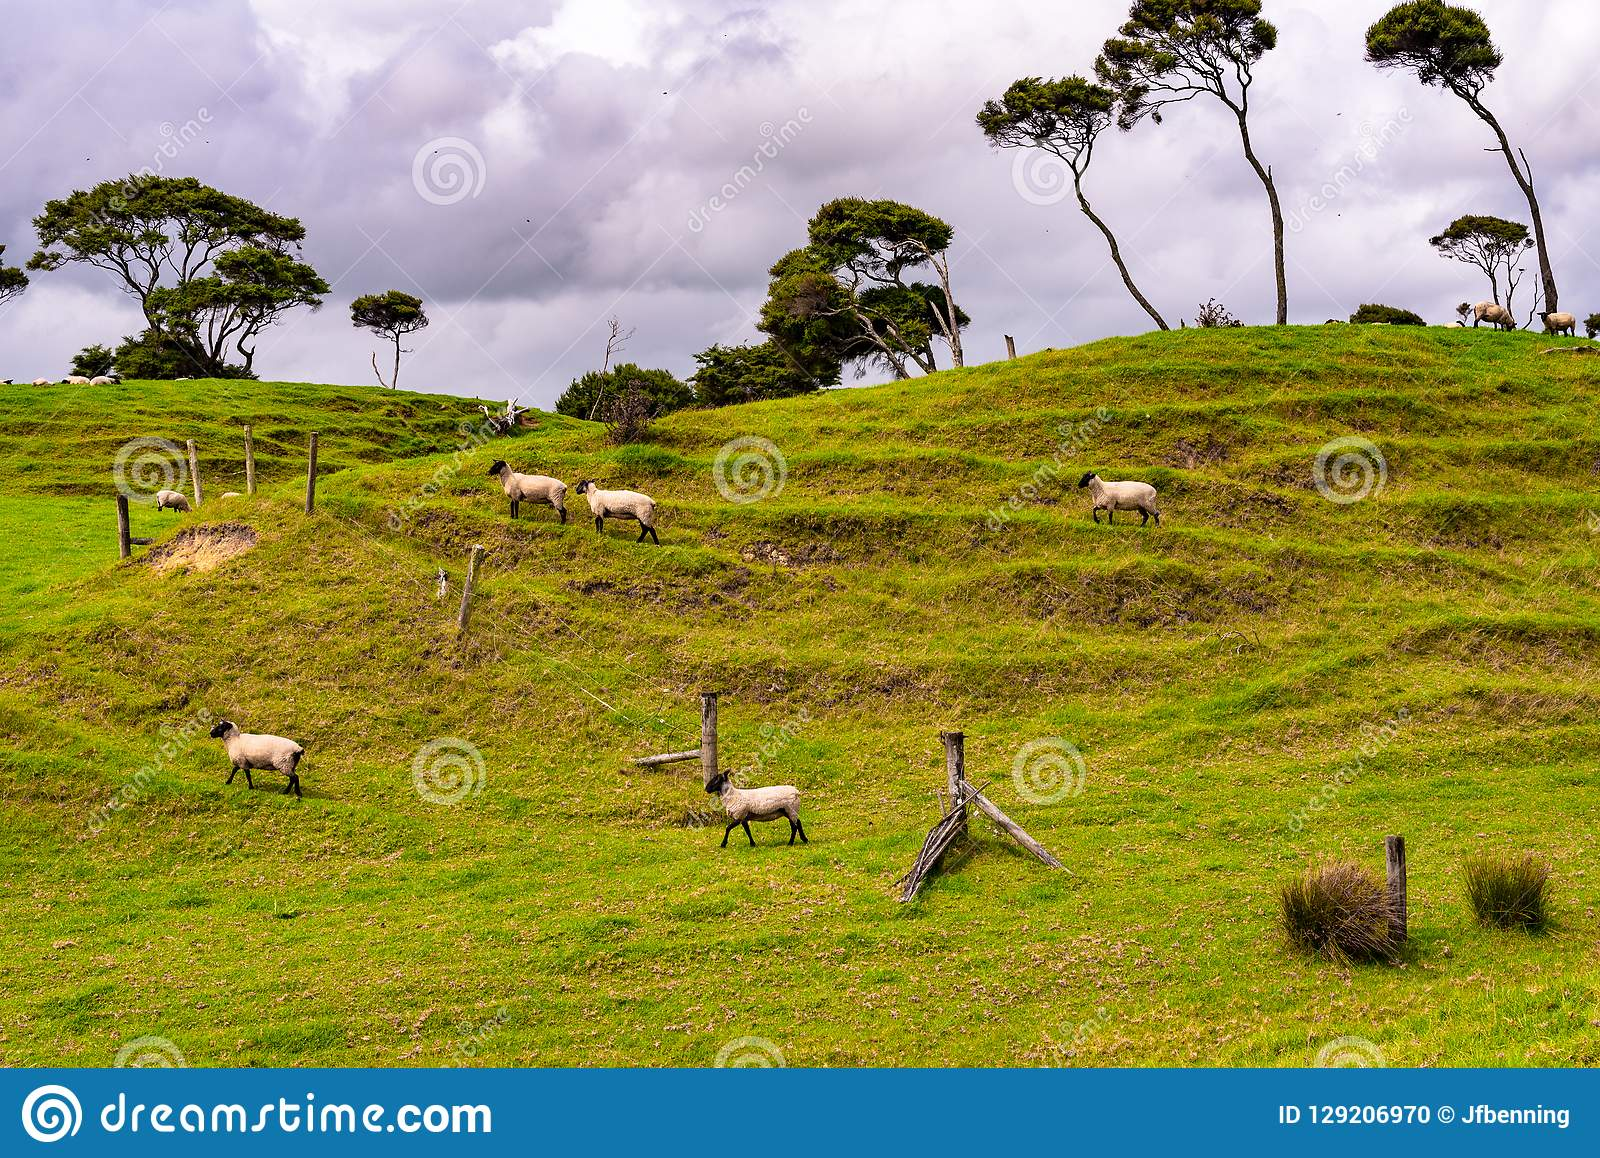 Une ferme de moutons au Nouvelle-Zélande